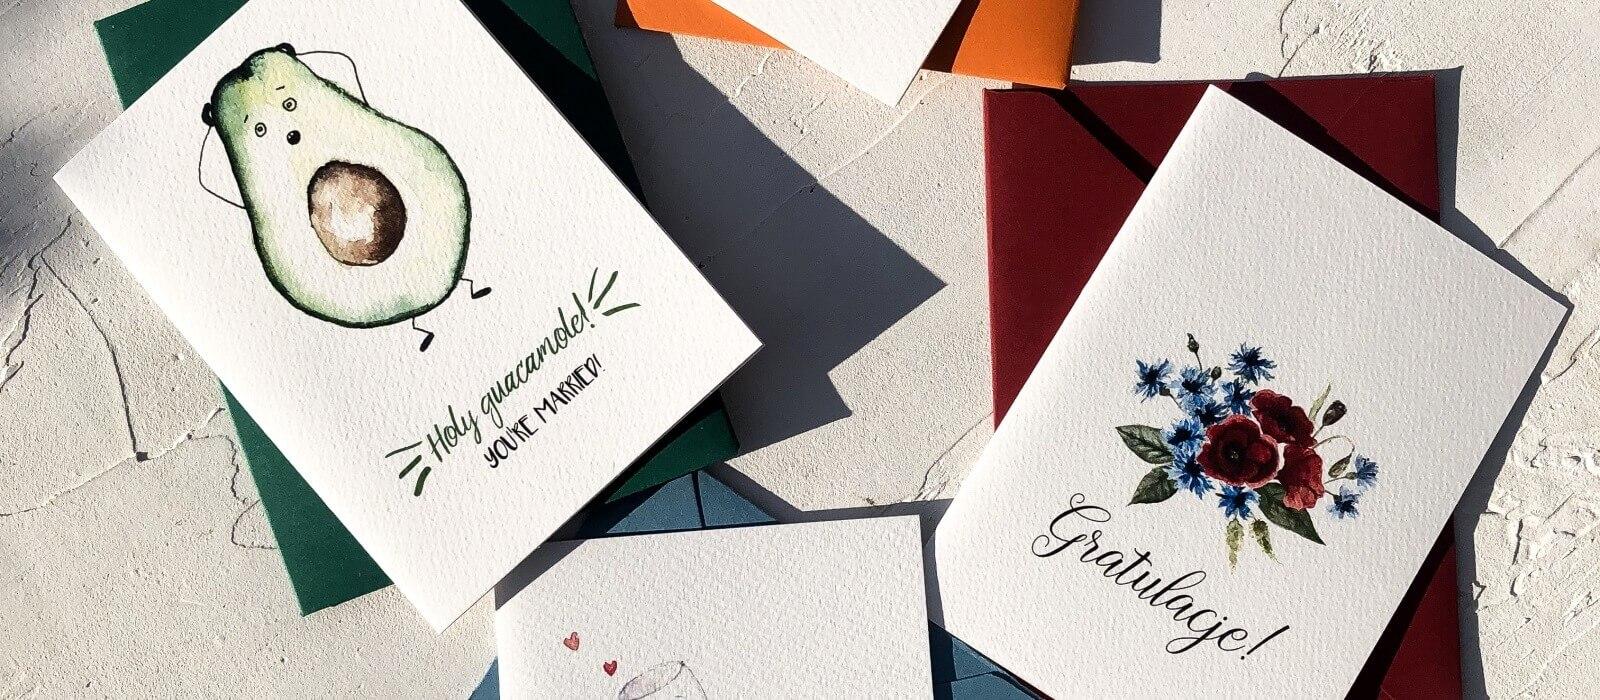 życzenia Na ślub Krótki Poradnik I Design Your Wedding